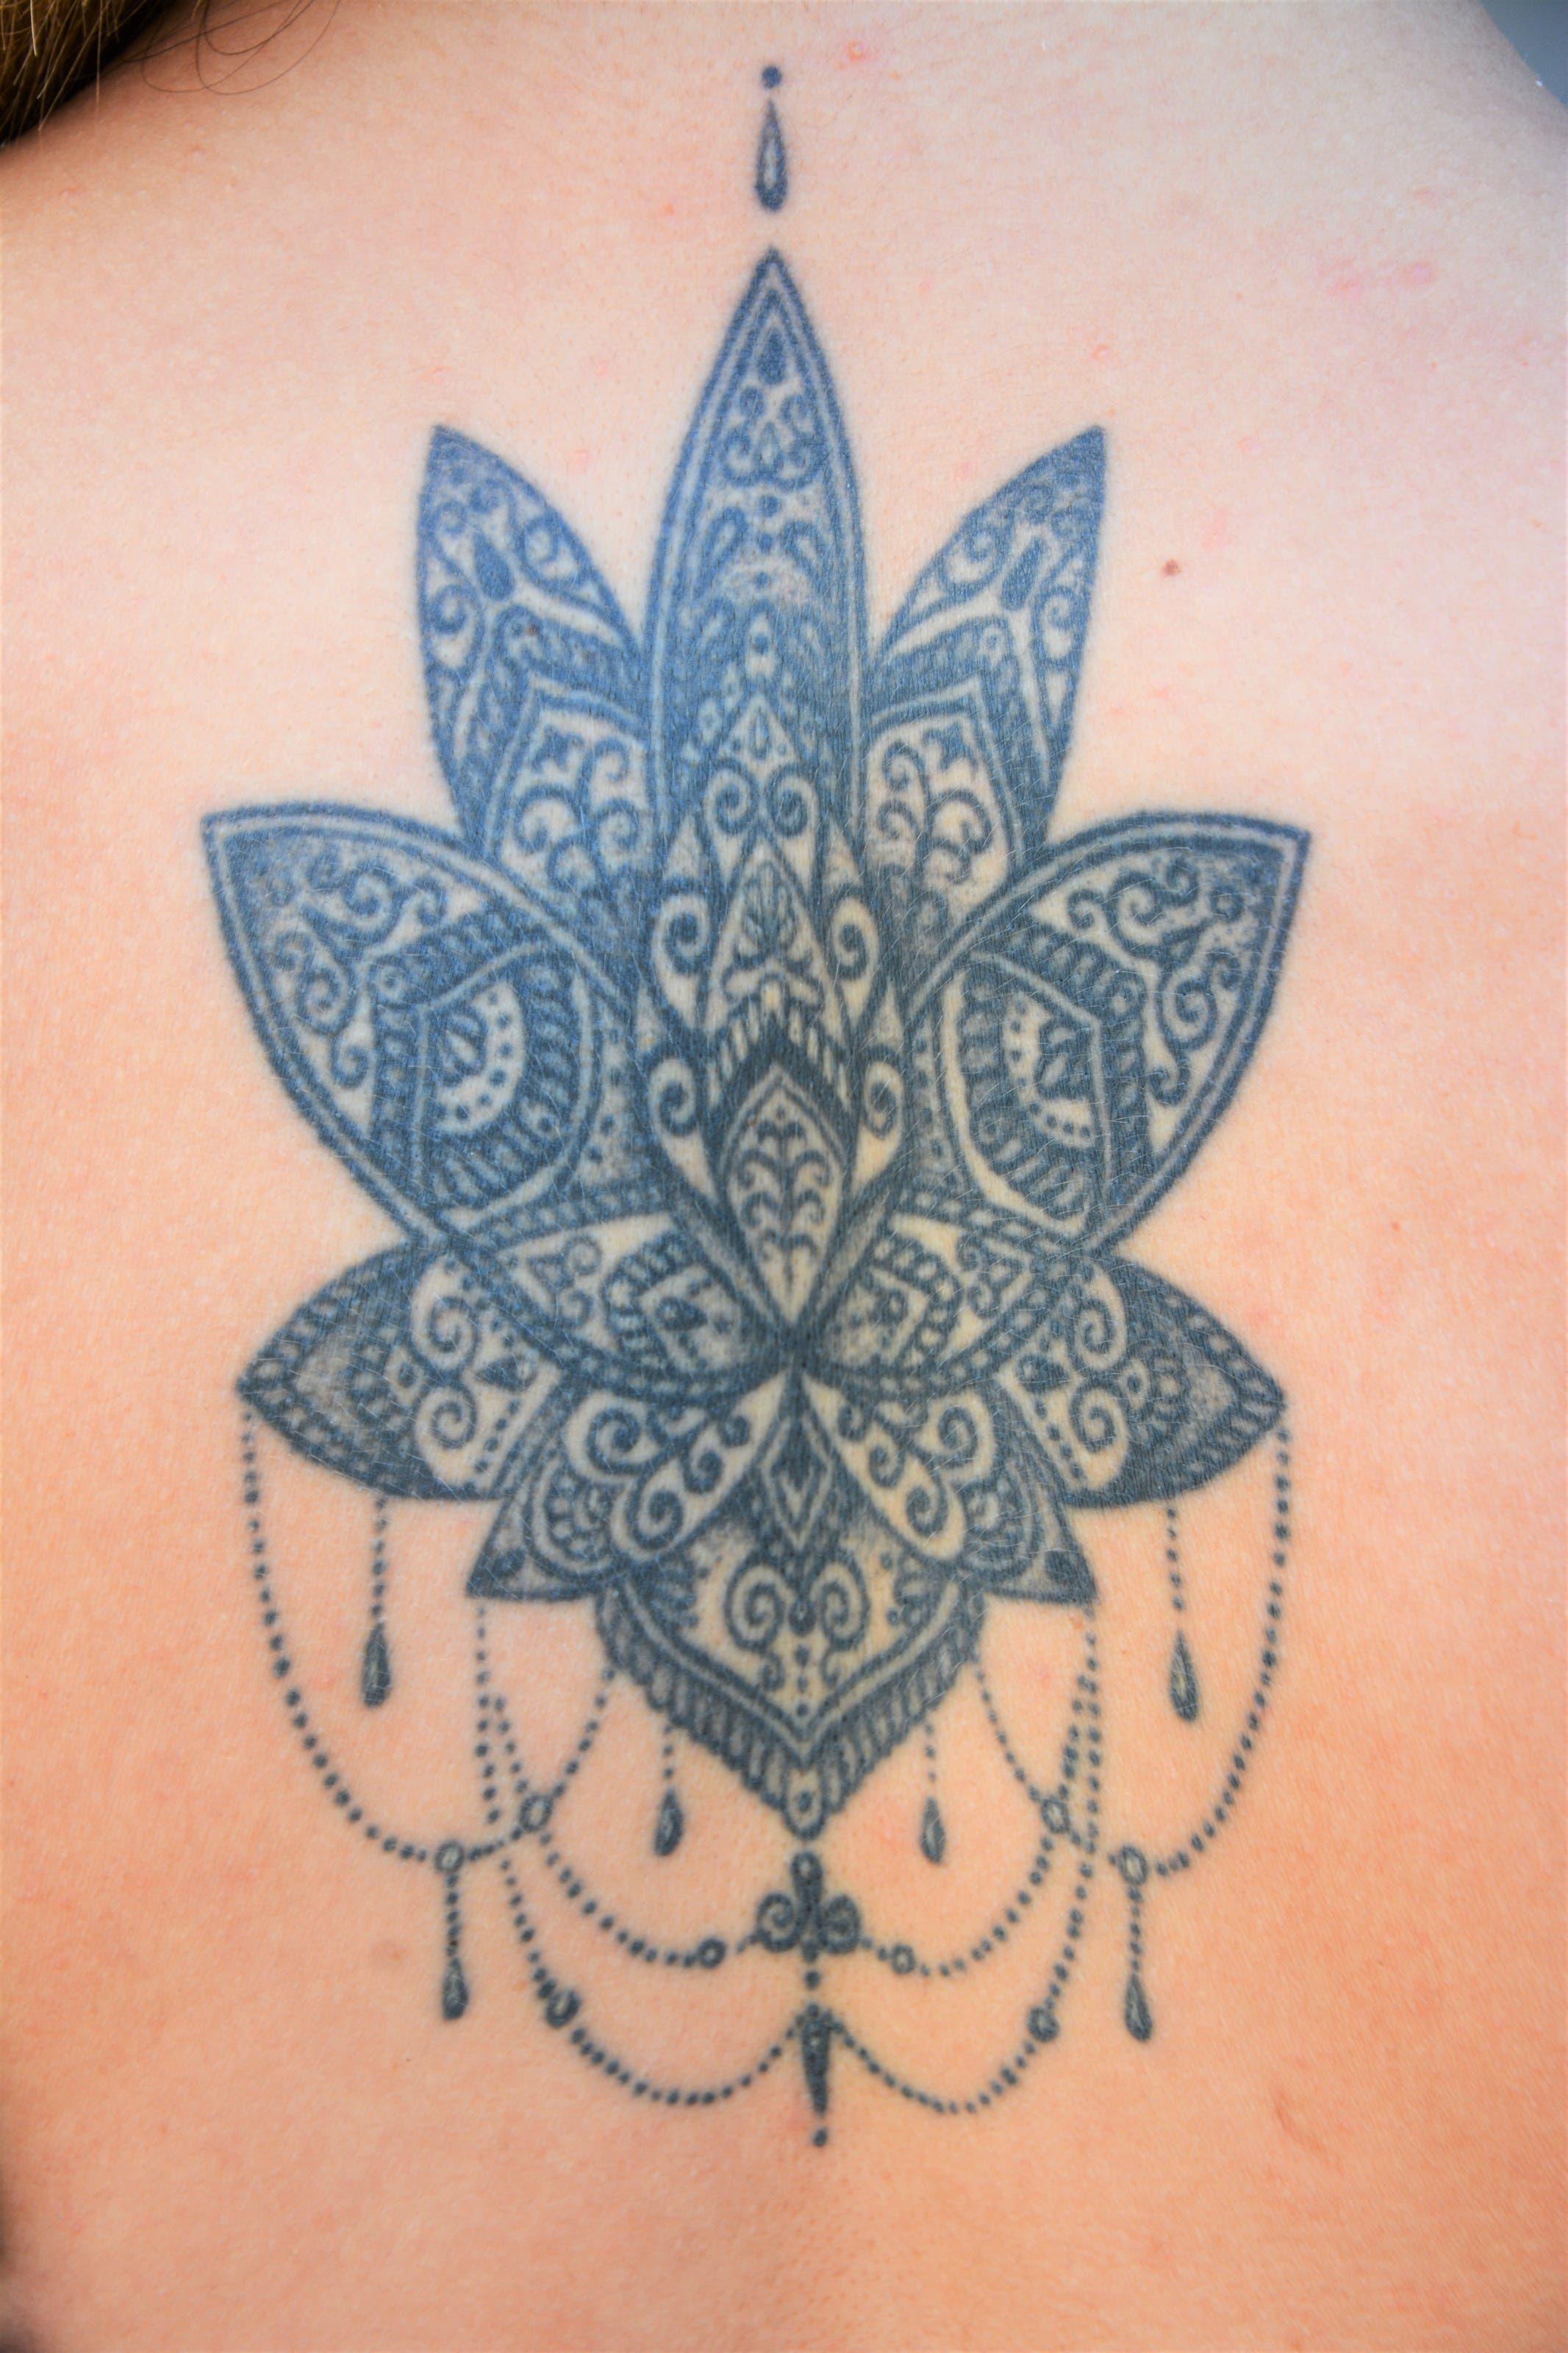 Tattoo dreieck bedeutung geschwister Geschwister Tattoo